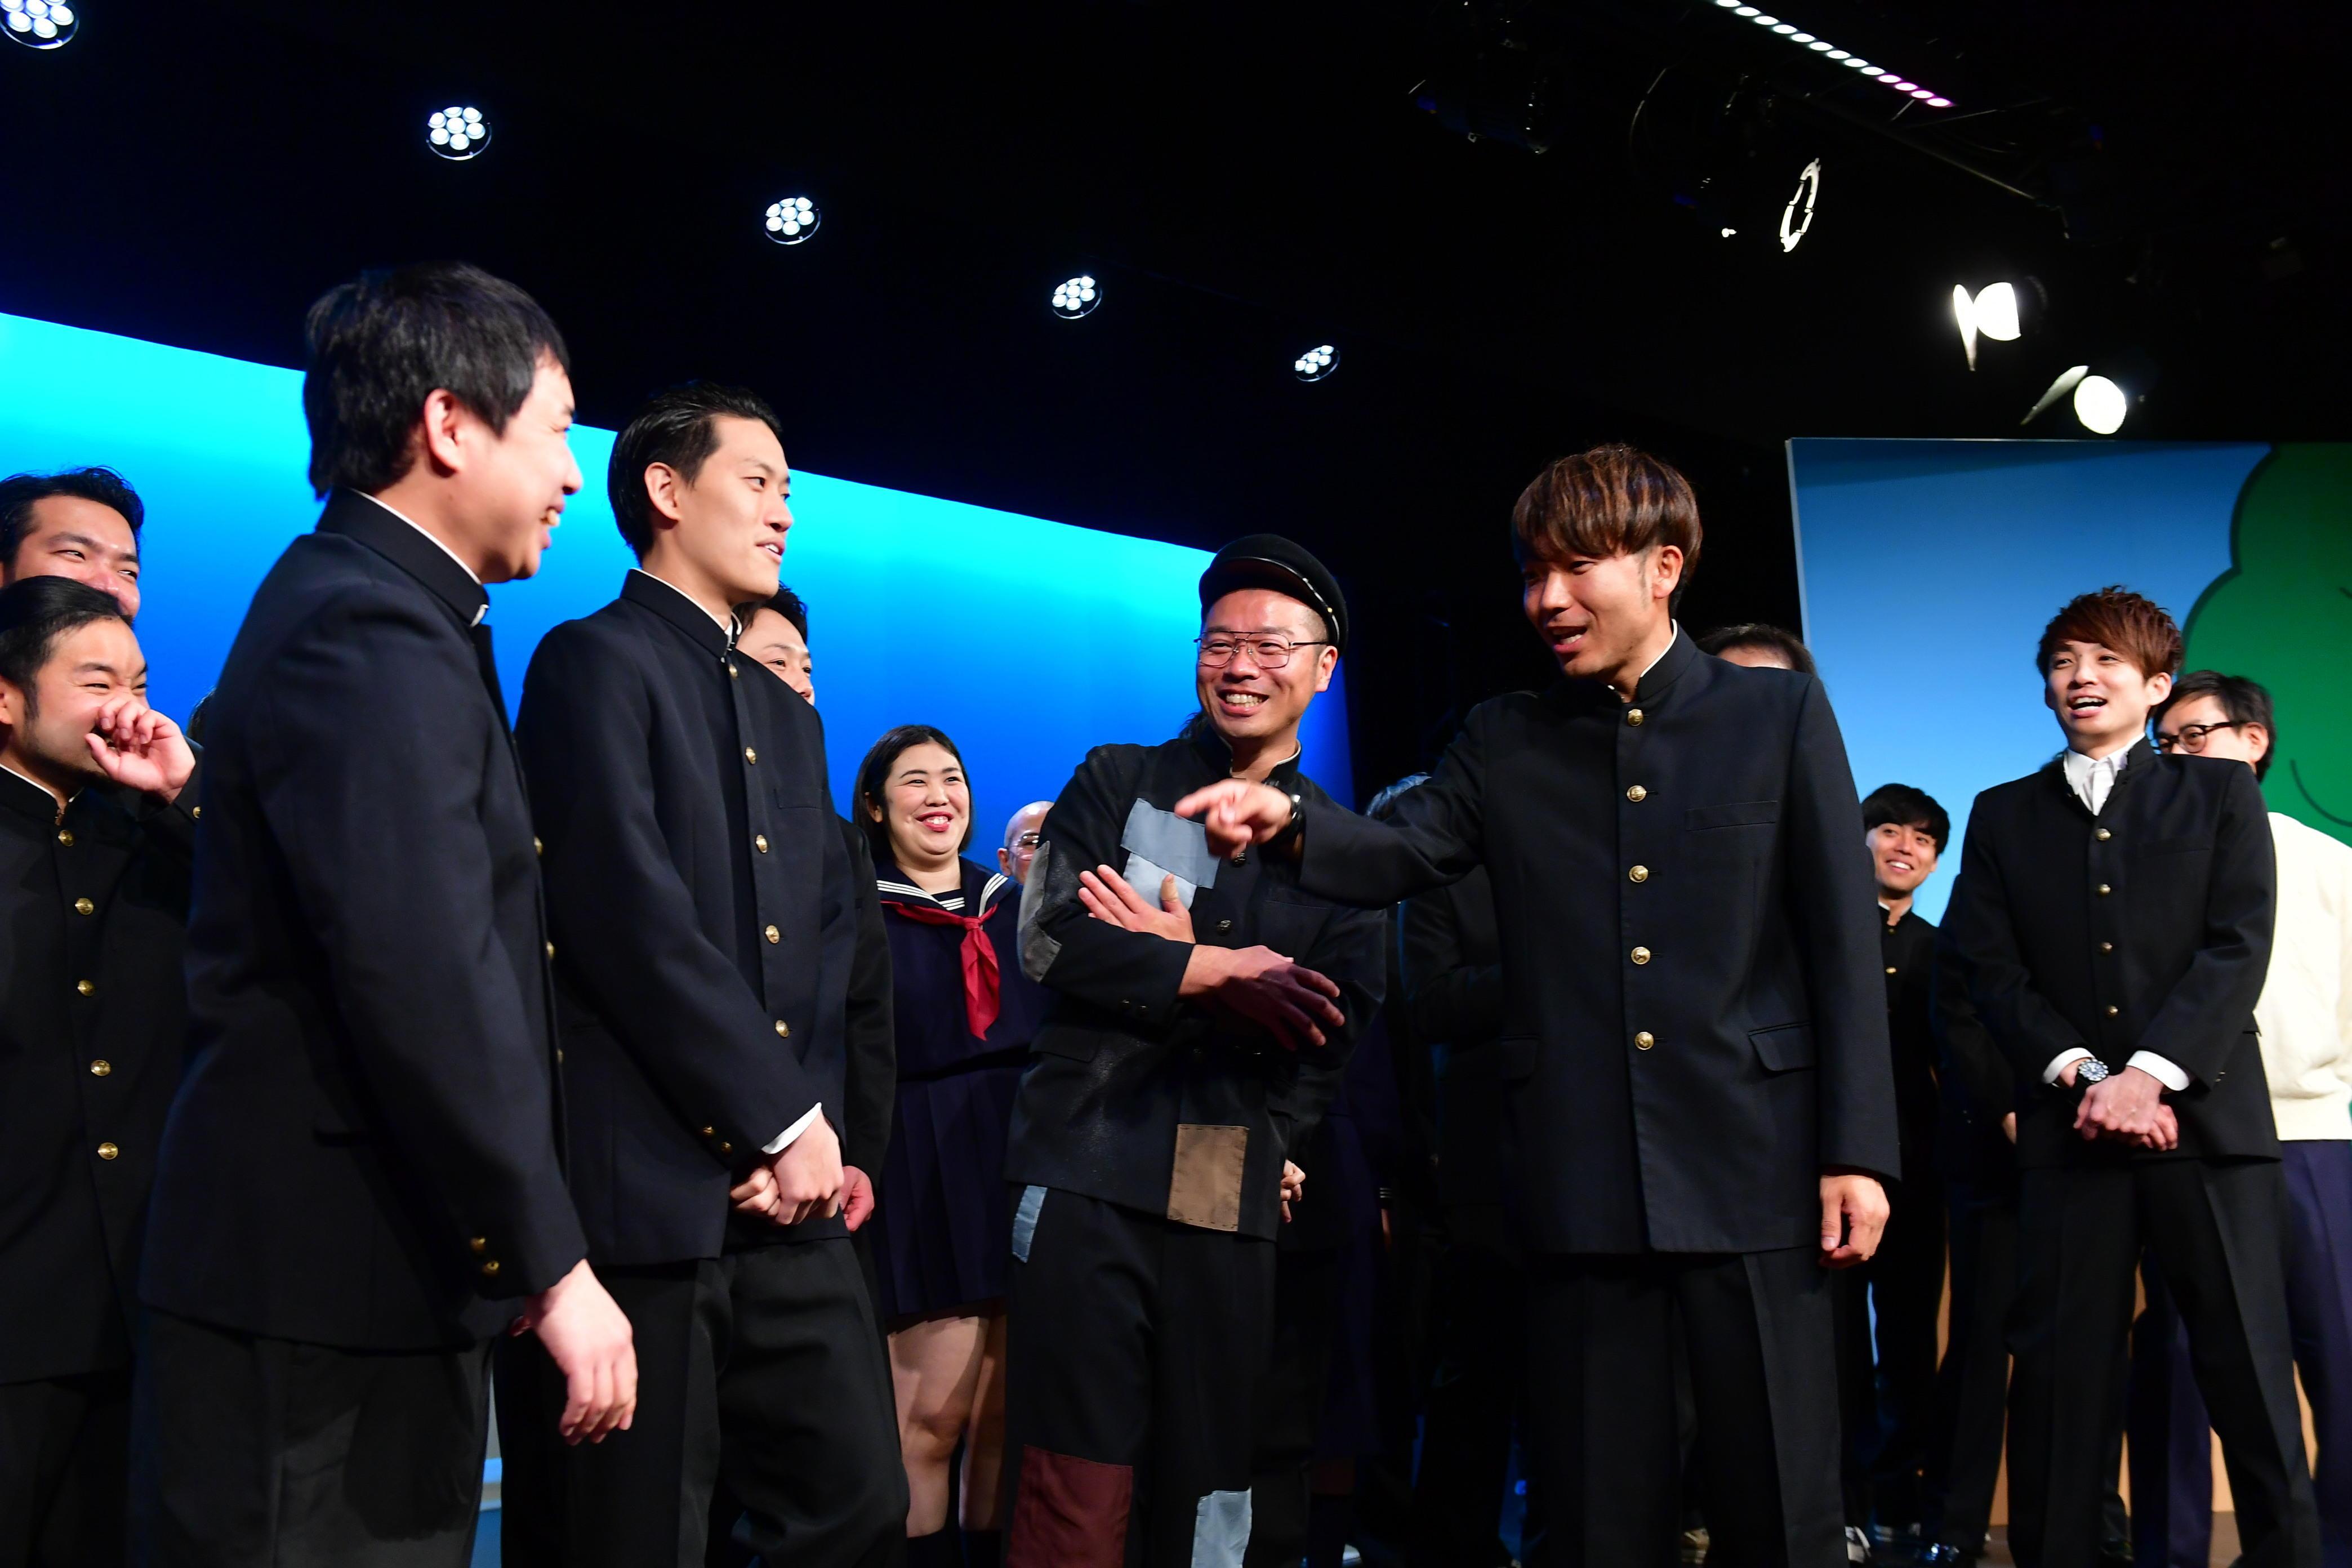 http://news.yoshimoto.co.jp/20181220090036-f0342b6e258f34b3f4404ba4f6b4e2f58427d498.jpg